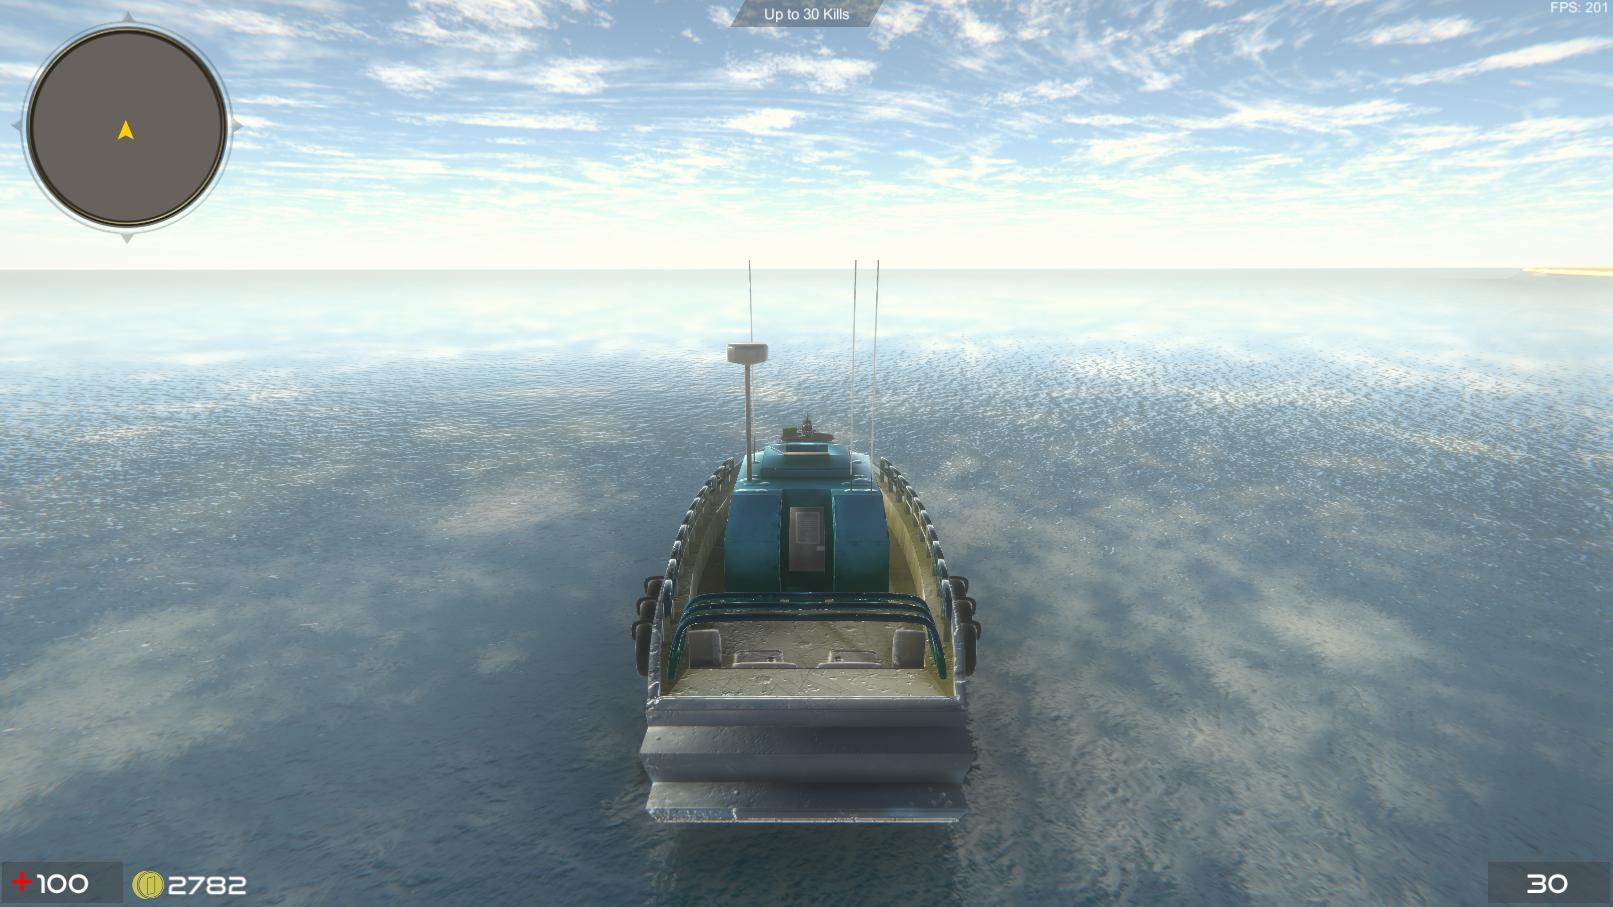 Coast Guard Ship